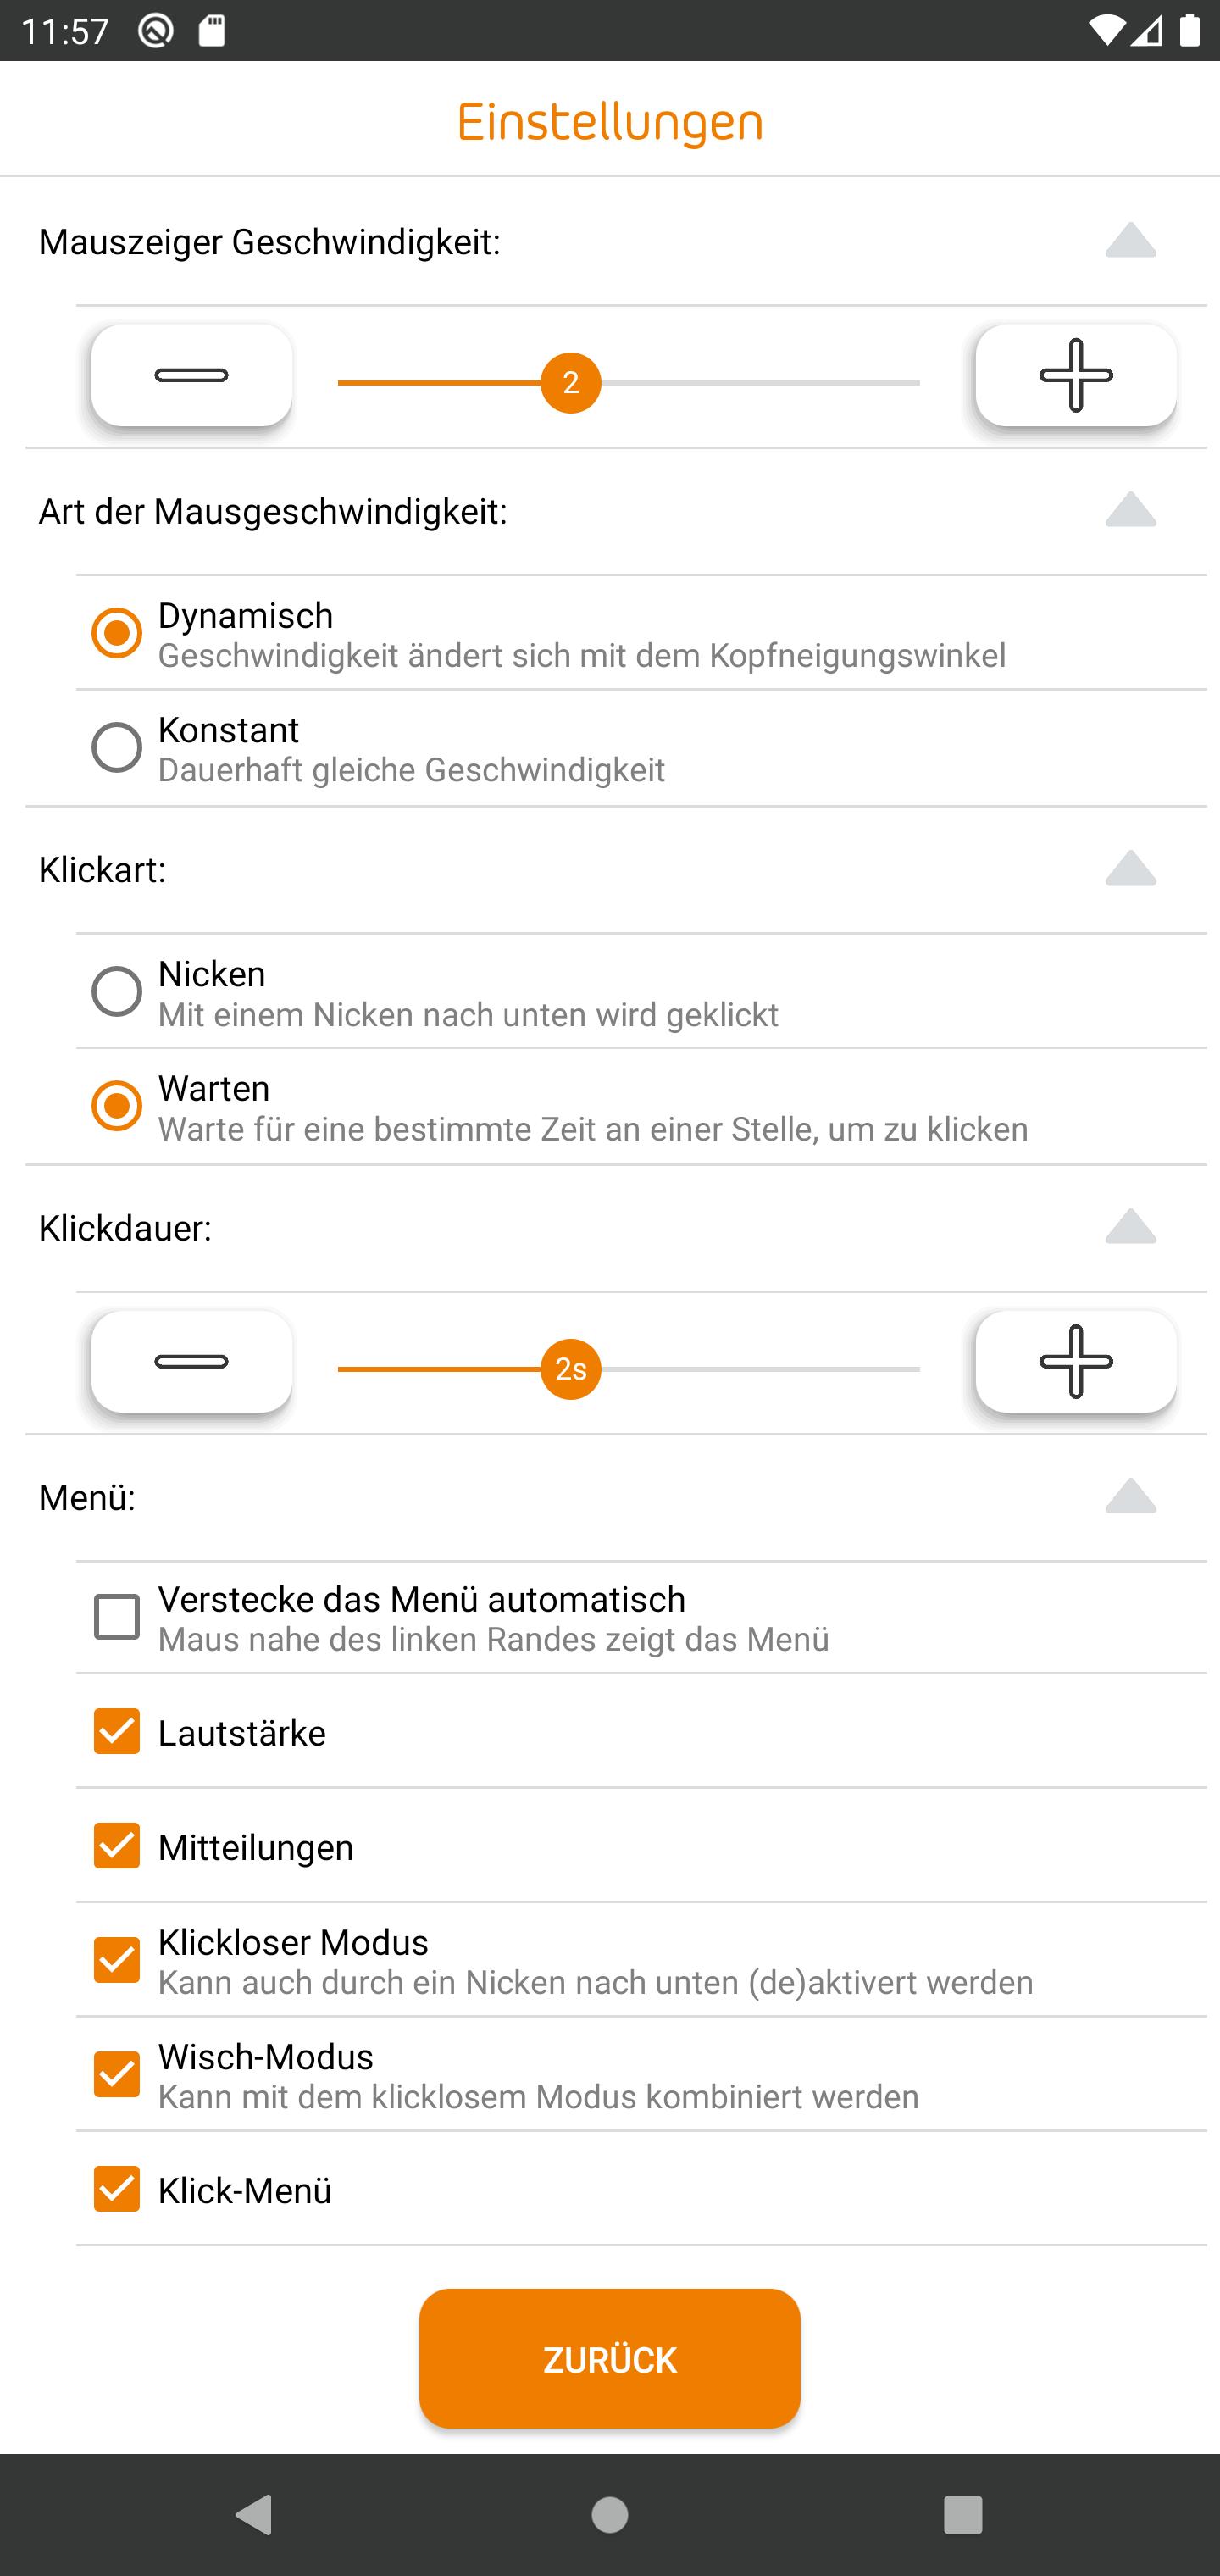 Erweiterung zur Rollstuhlsteuerung Einstellungen App-Ansicht.